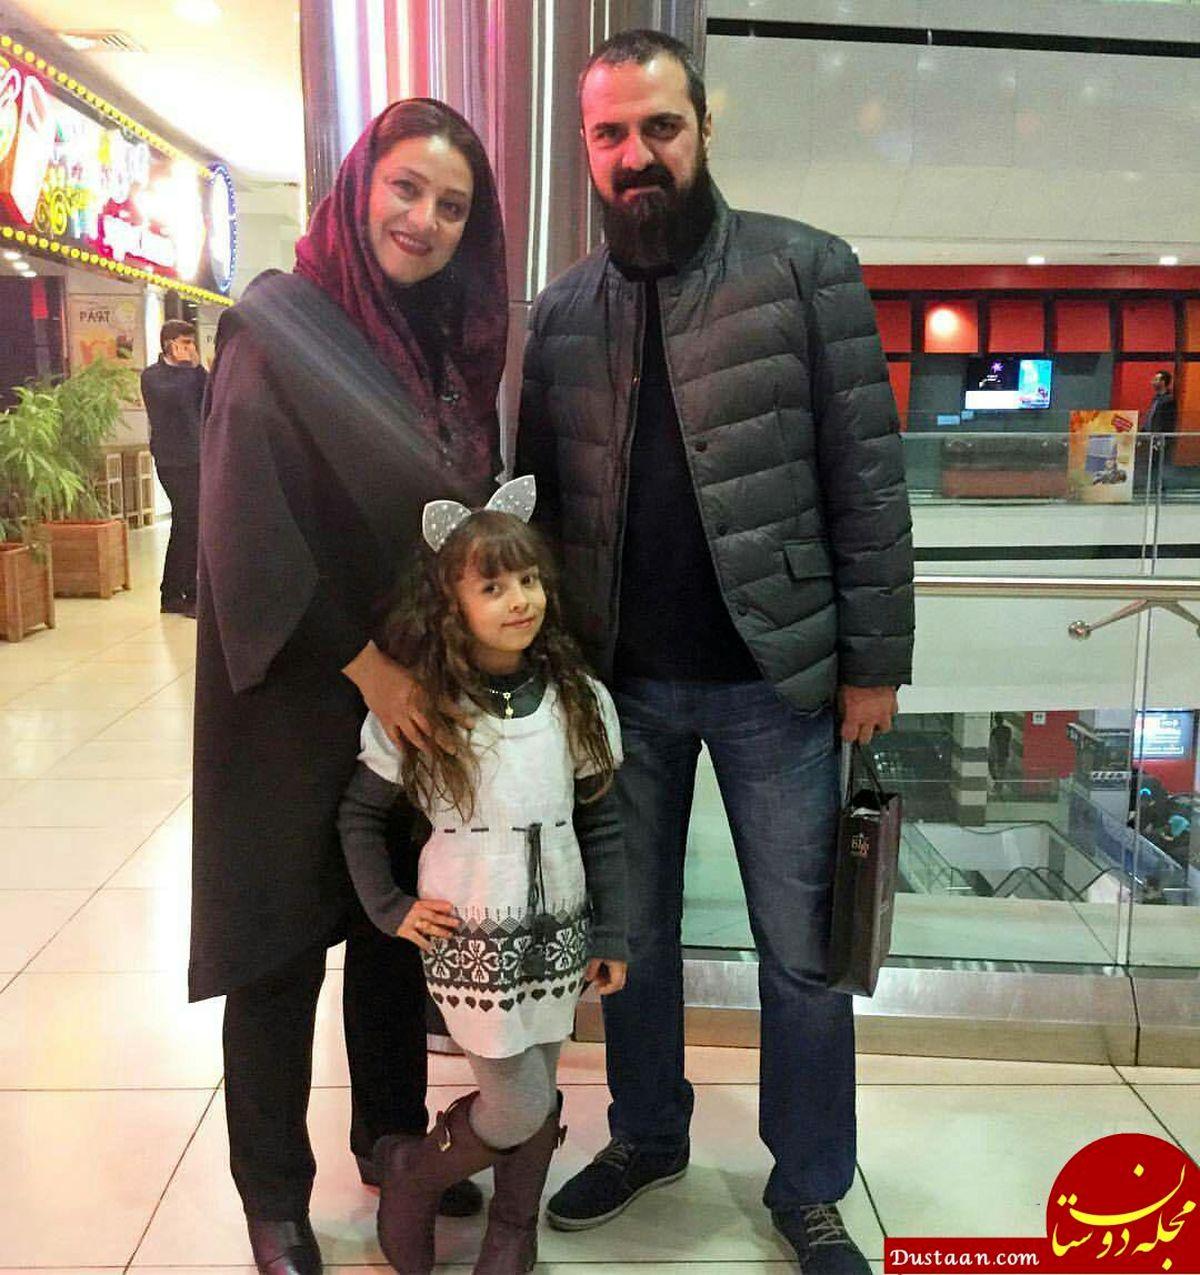 شبنم مقدمی در آغوش یک مرد خوشتیپ+ عکس